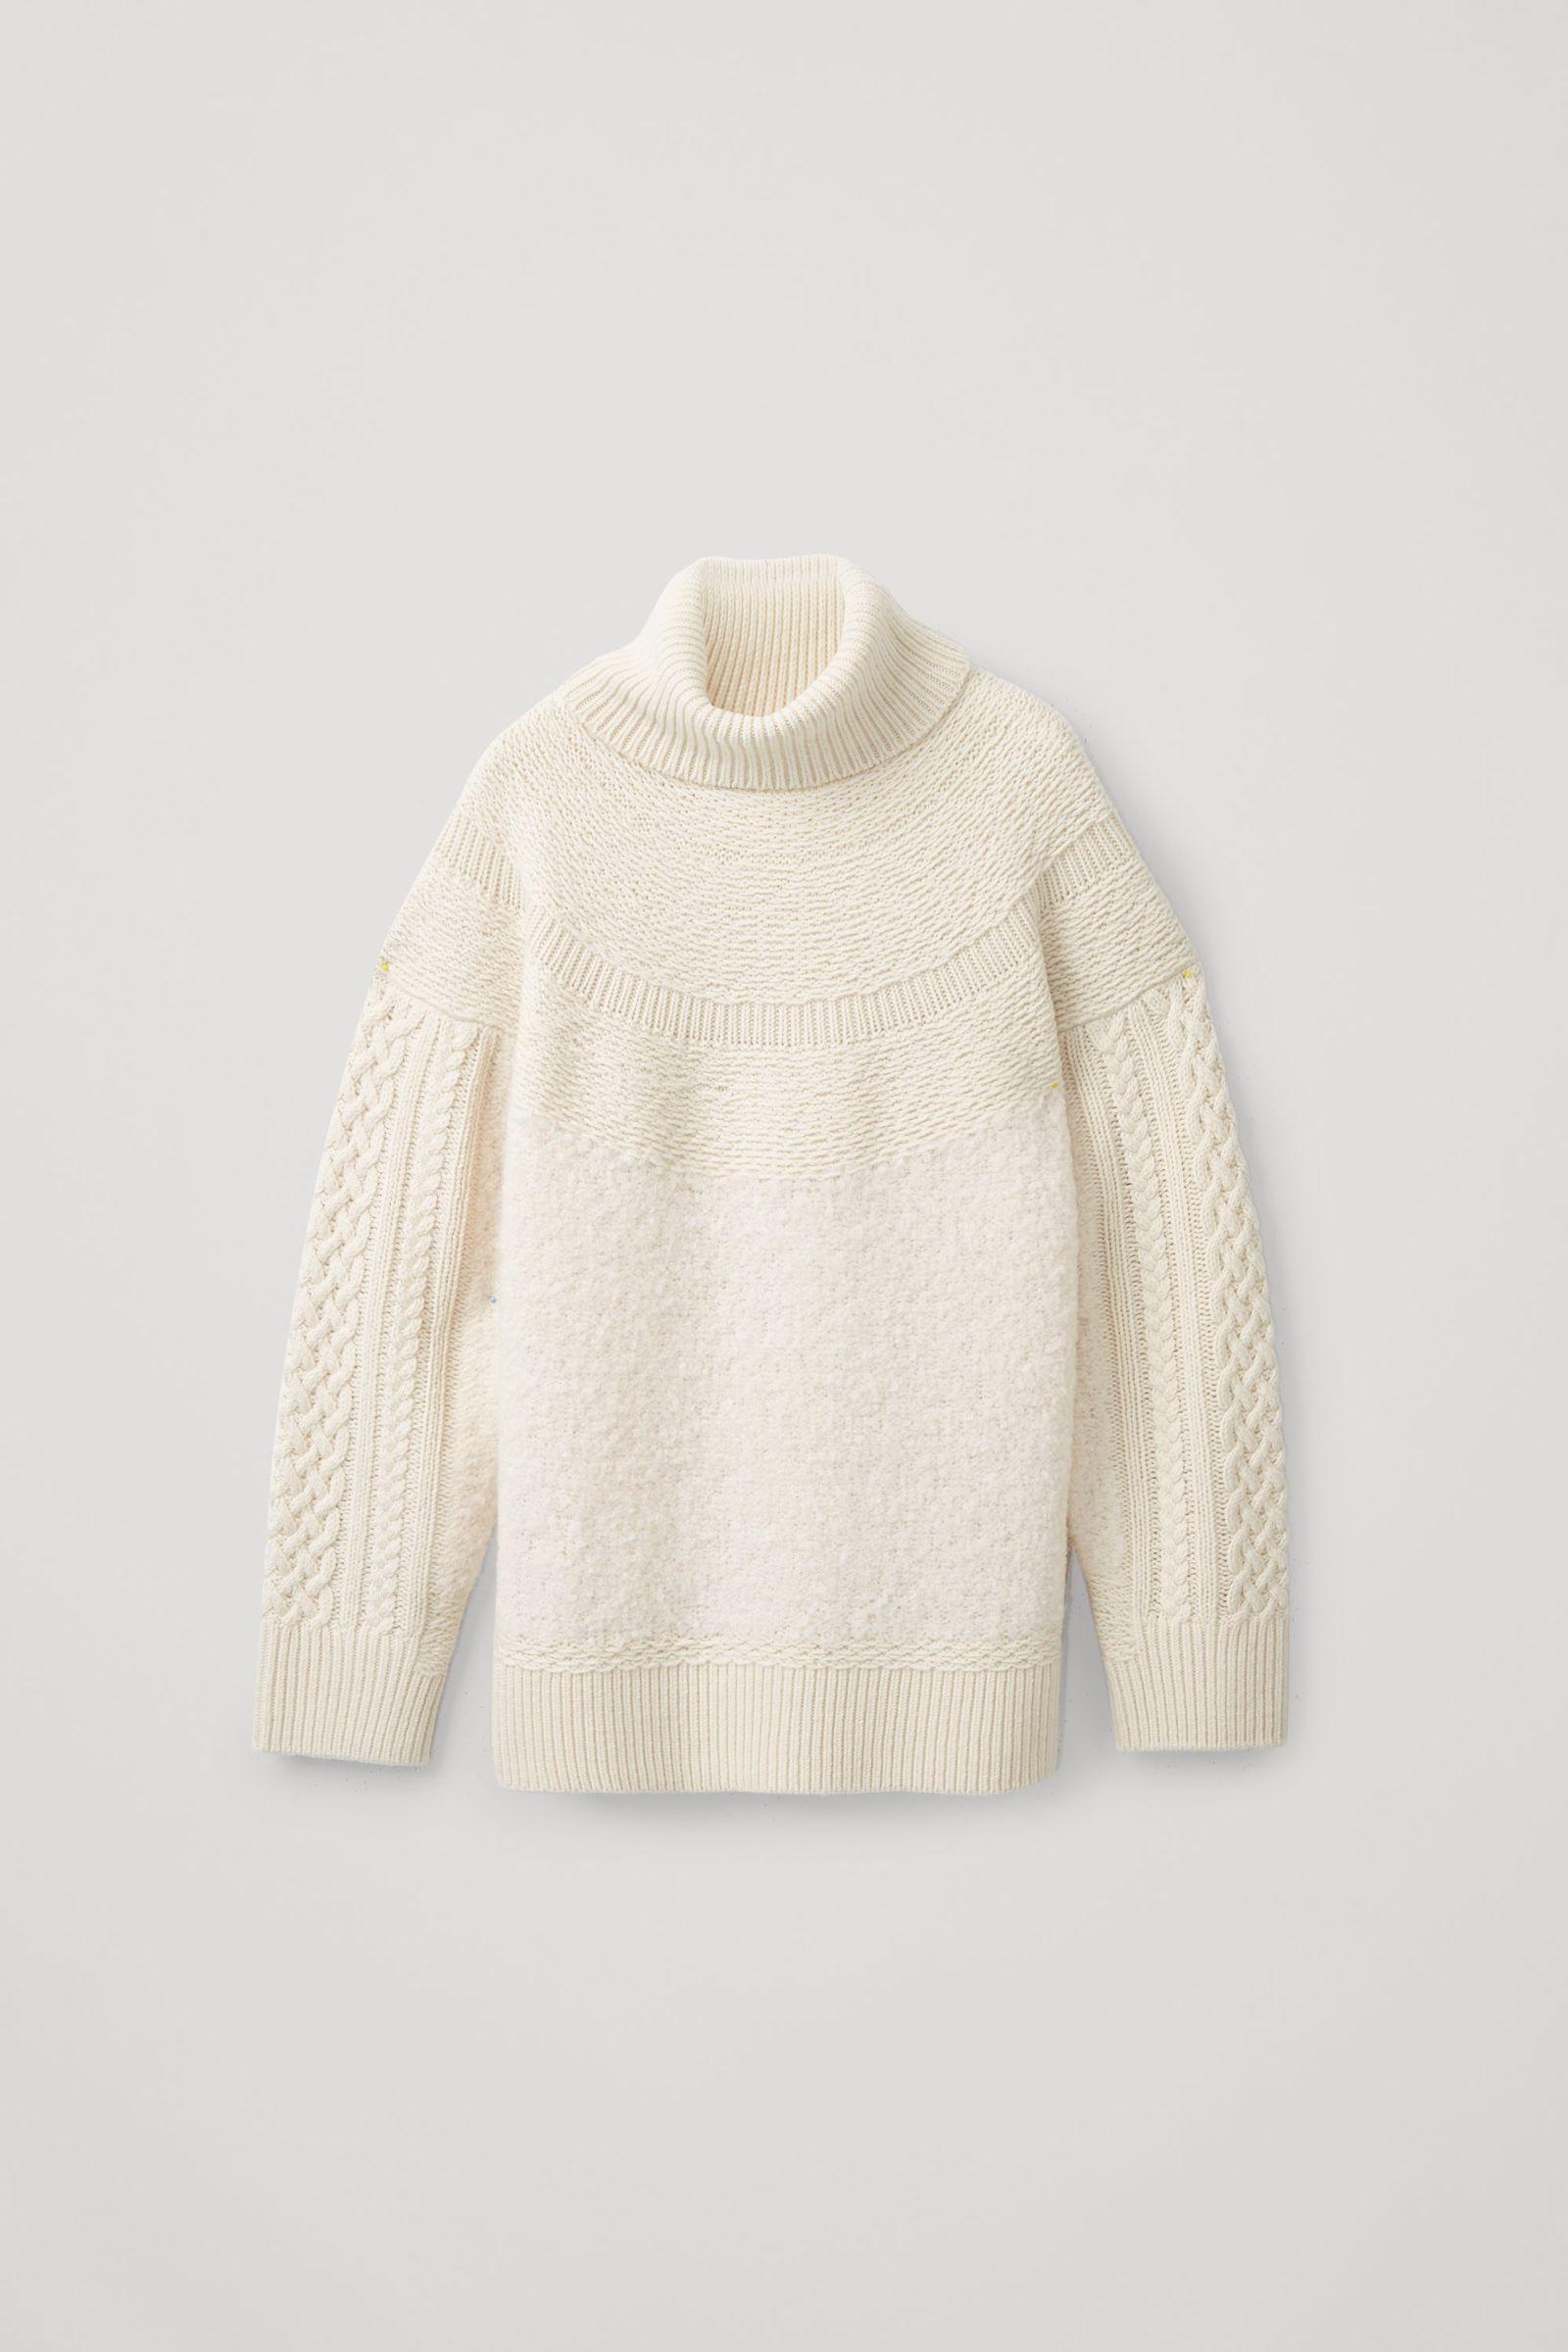 COS 니티드 울 알파카 스웨터의 화이트컬러 Product입니다.